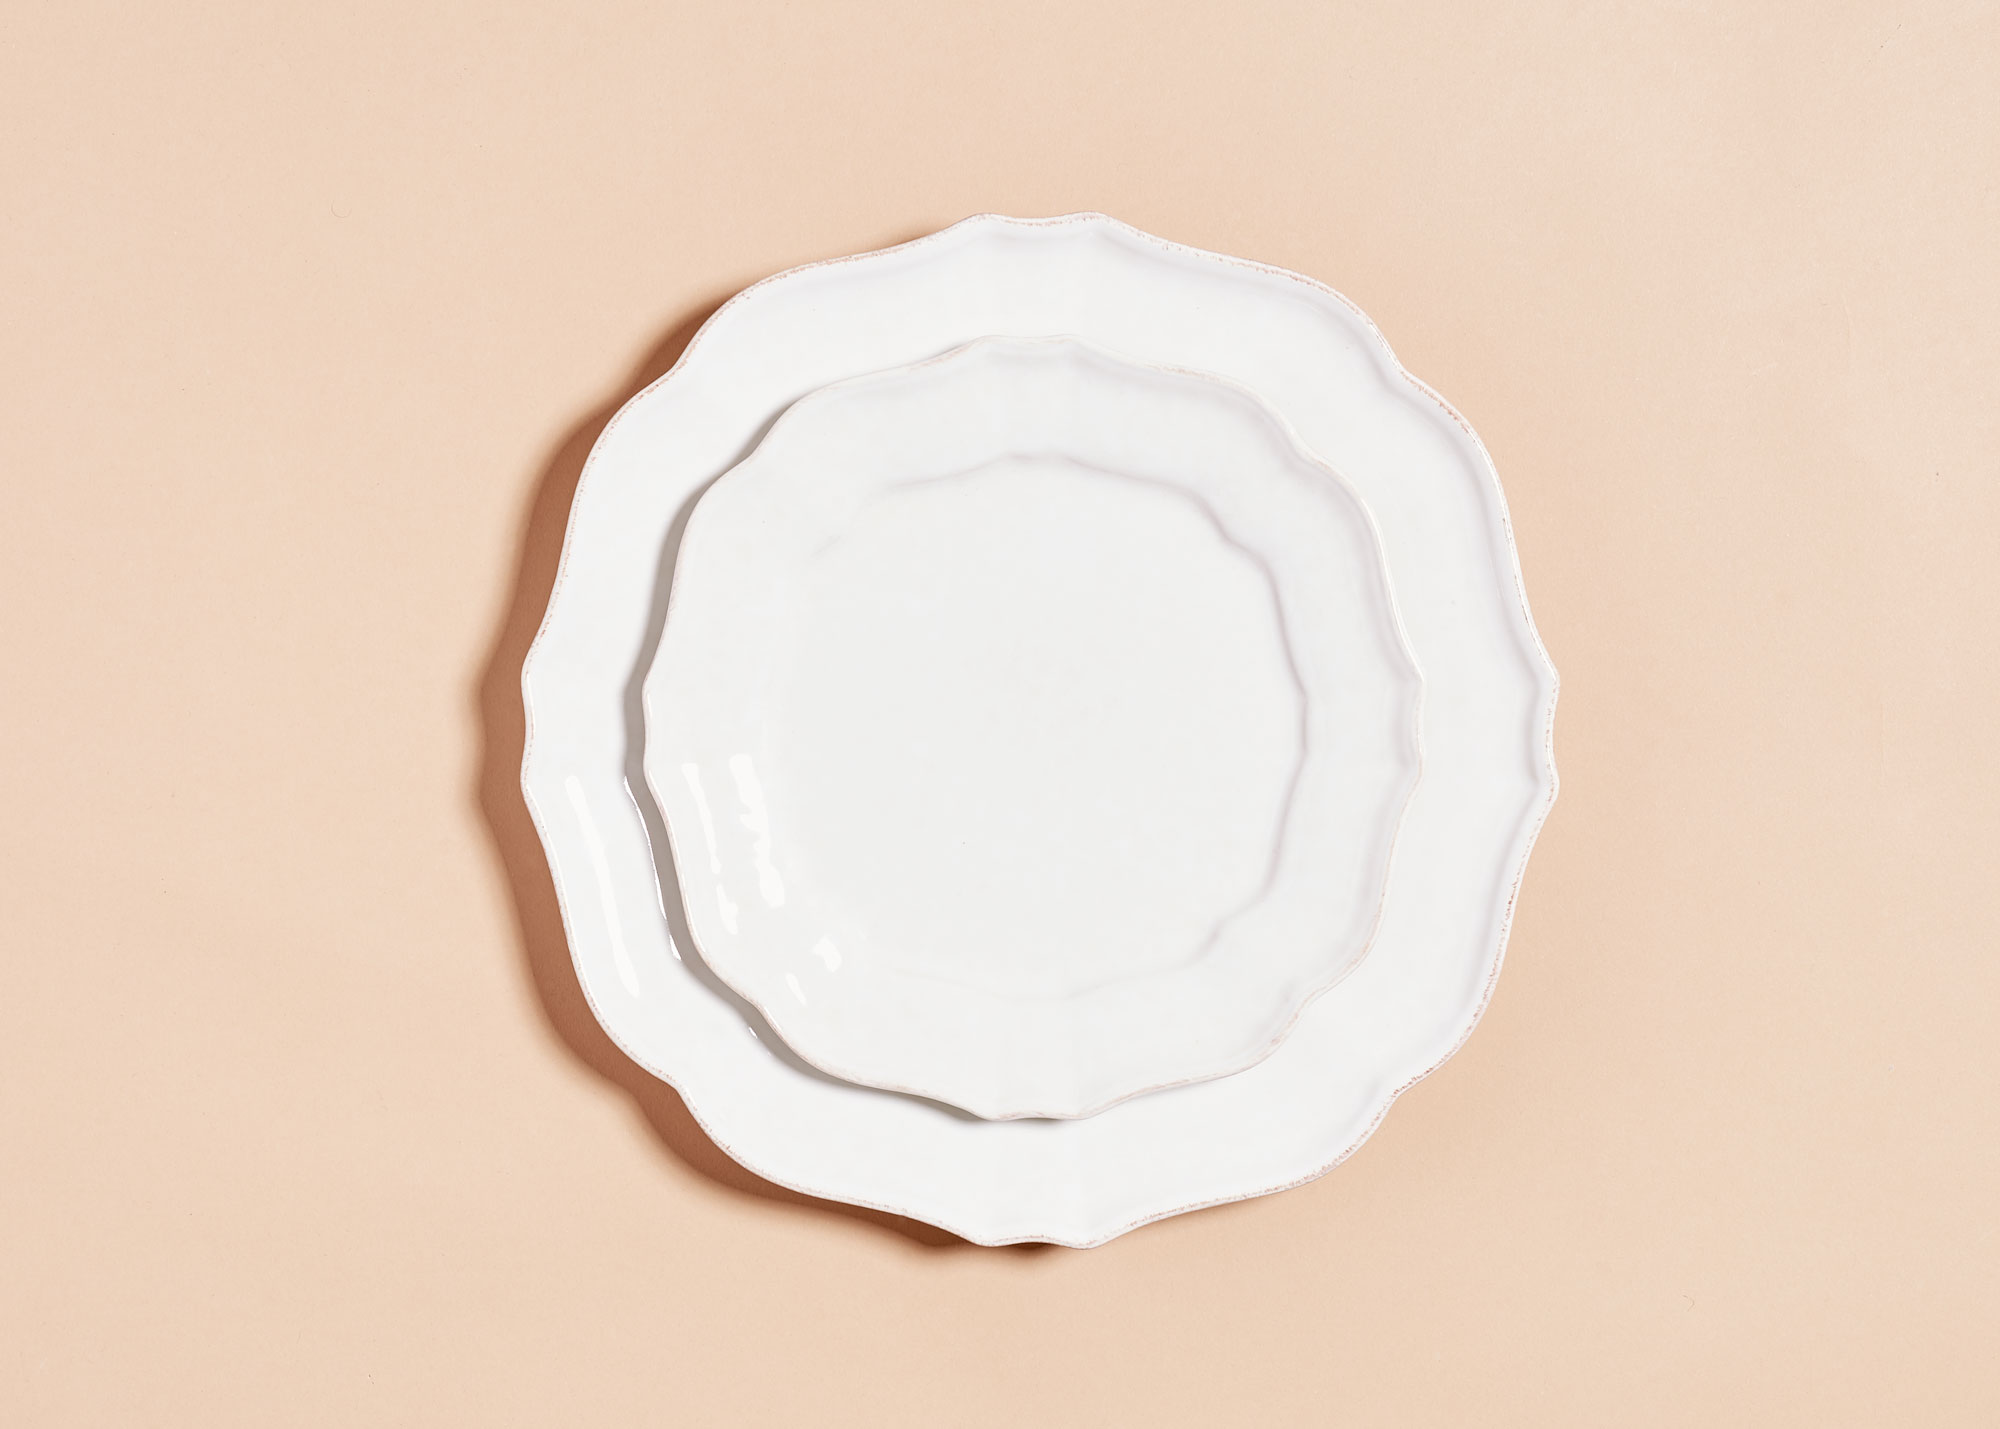 21369_romance-assiette